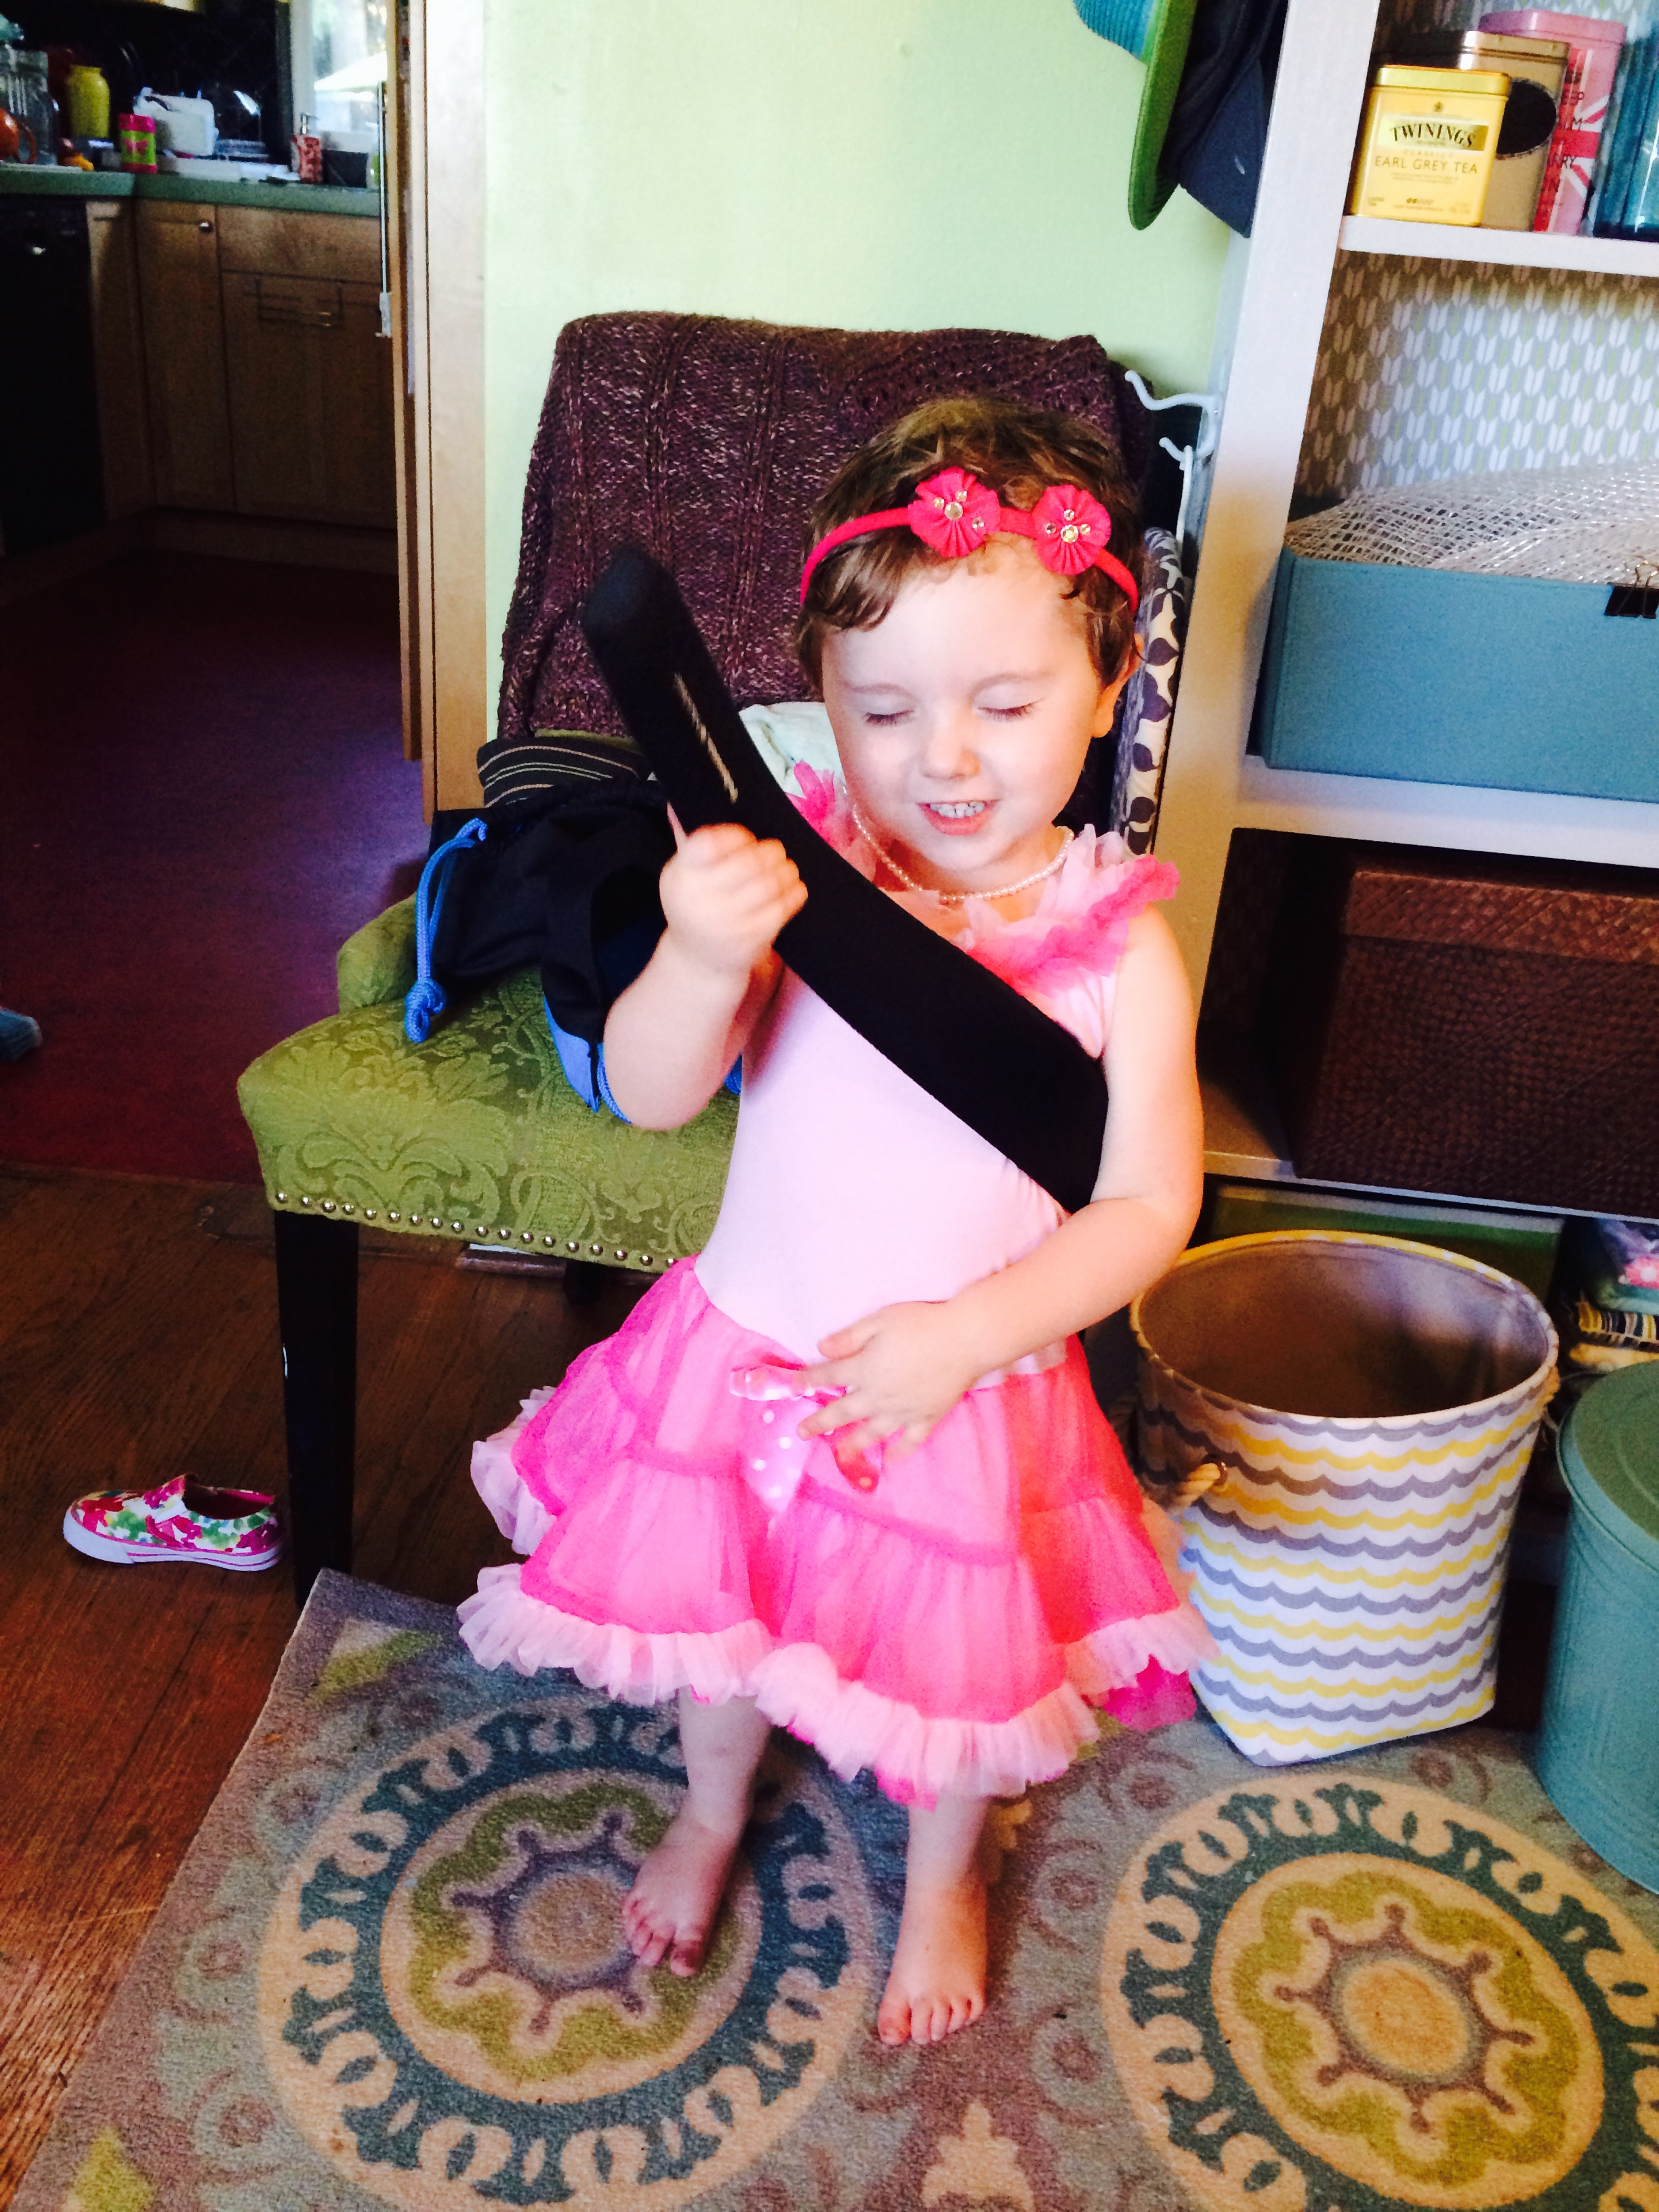 boy in pink dress